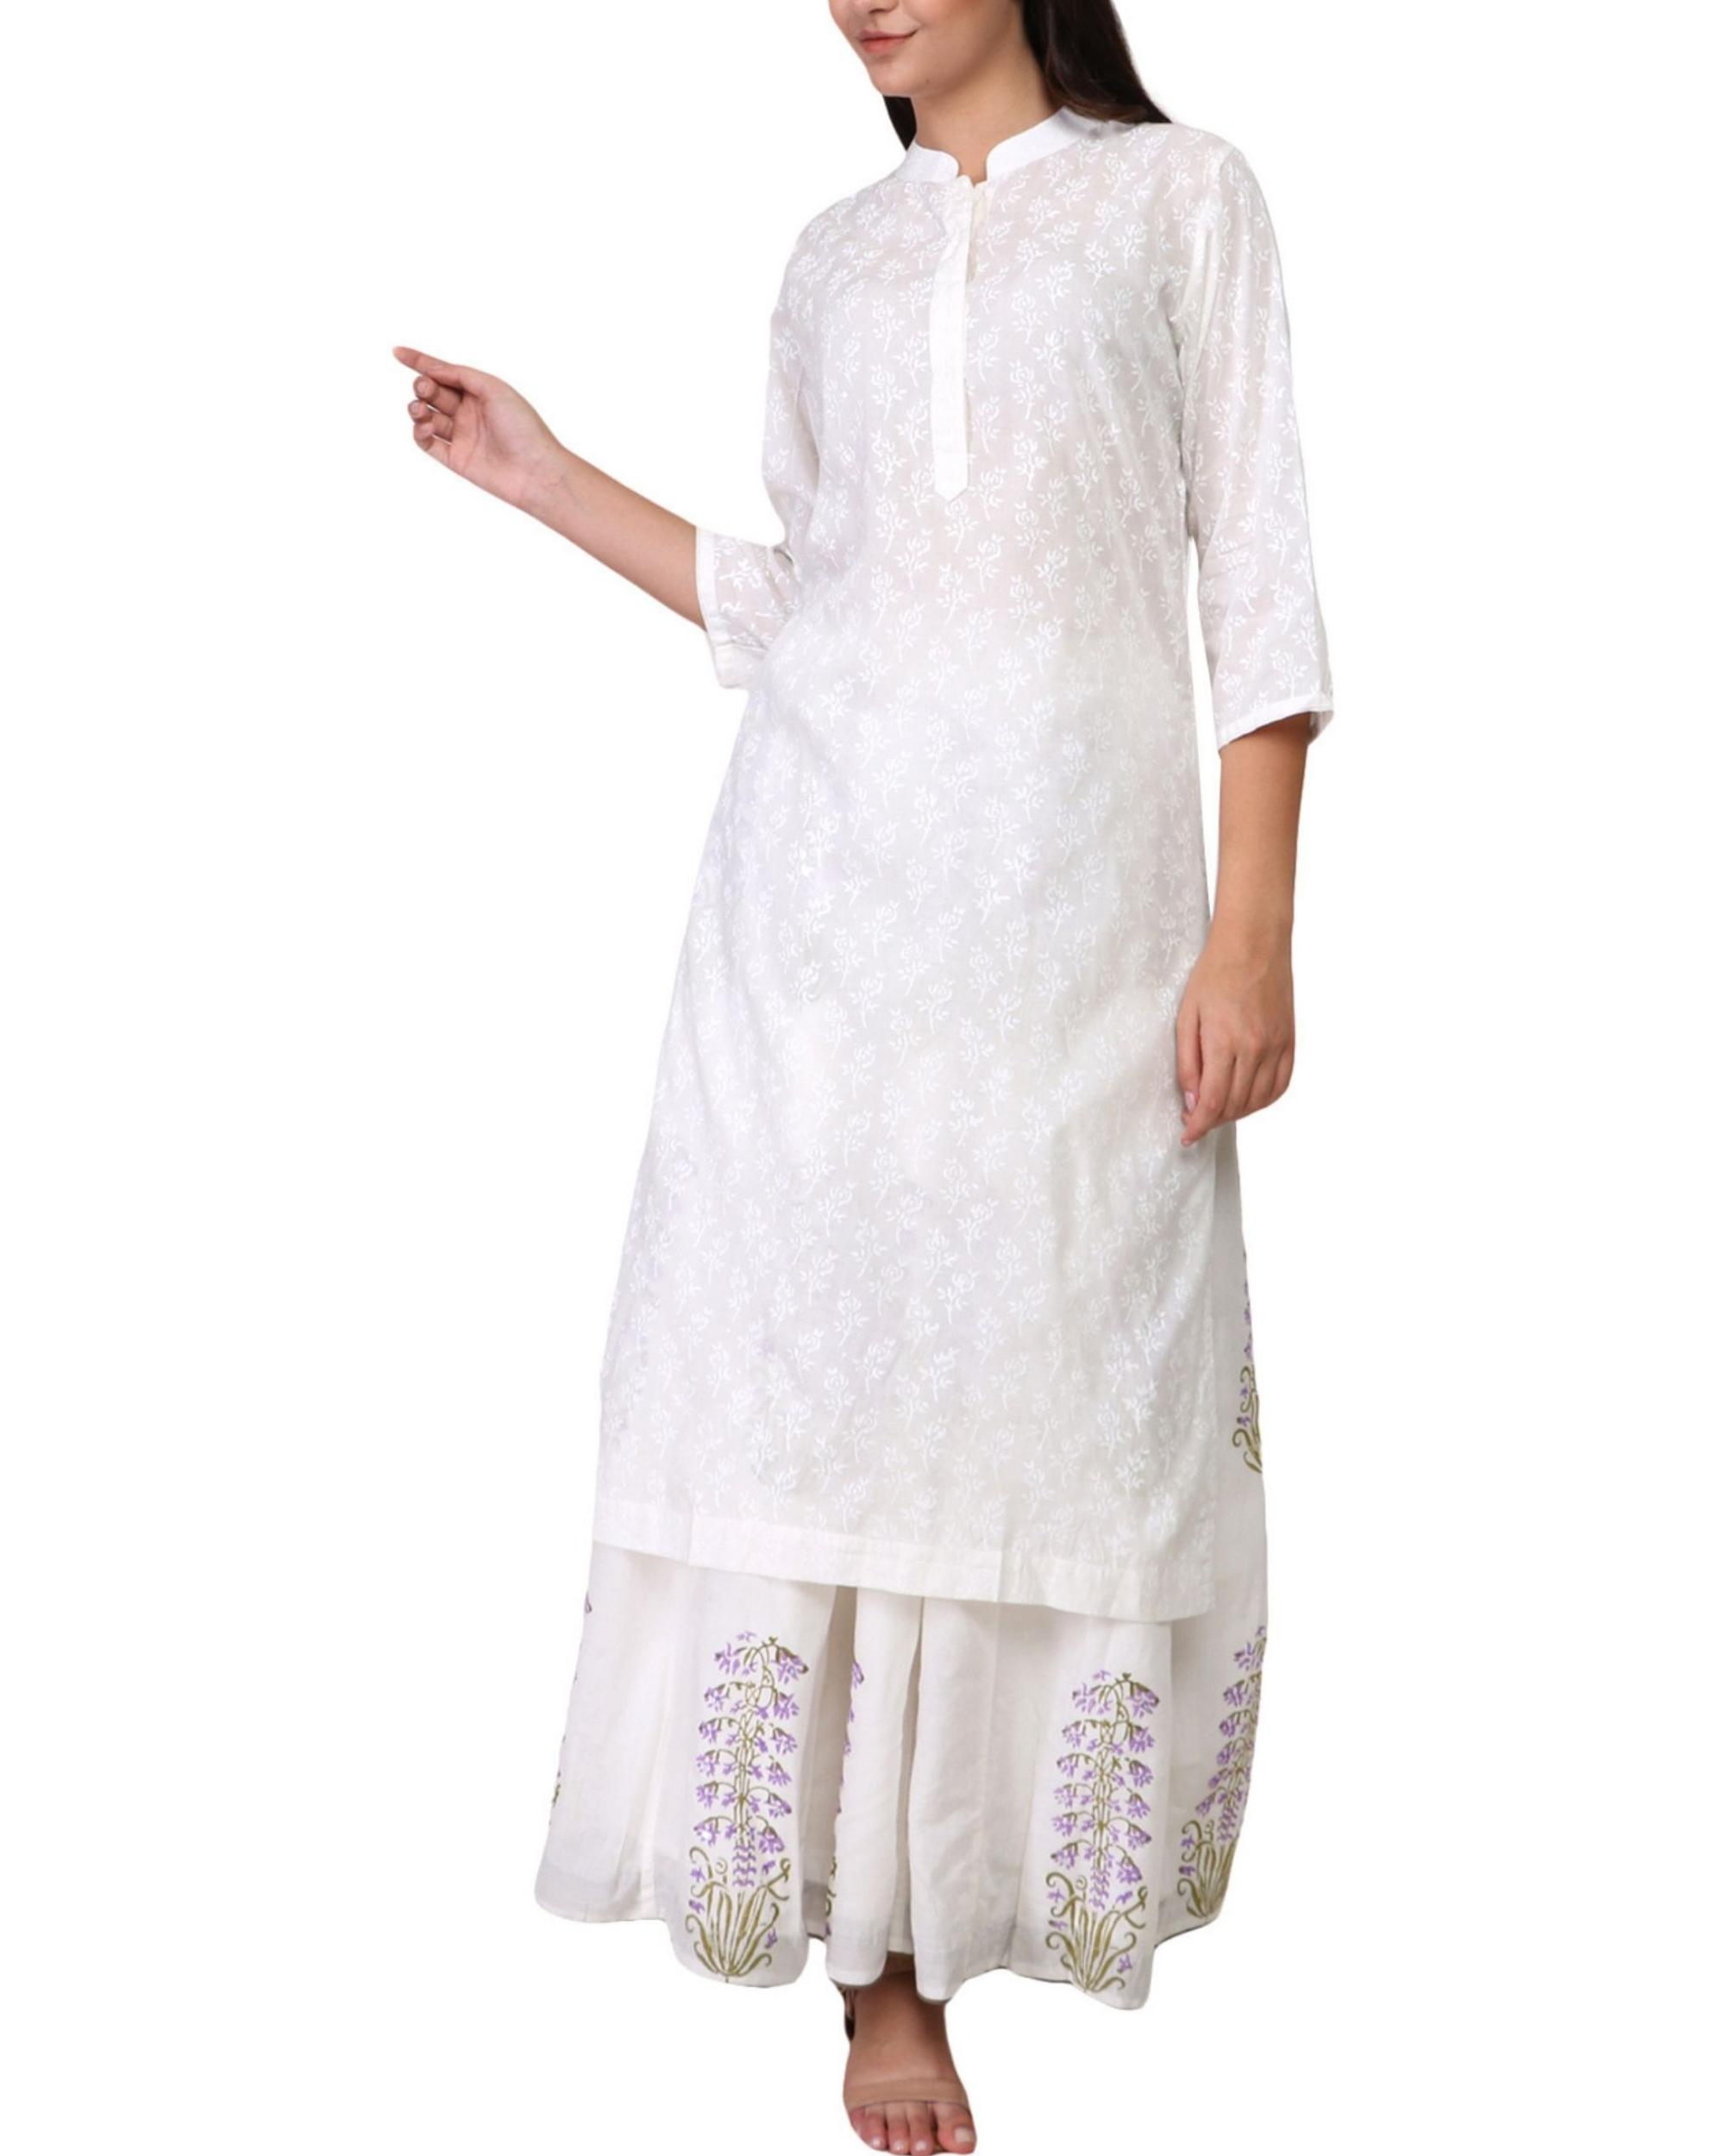 White floral print cotton kurta